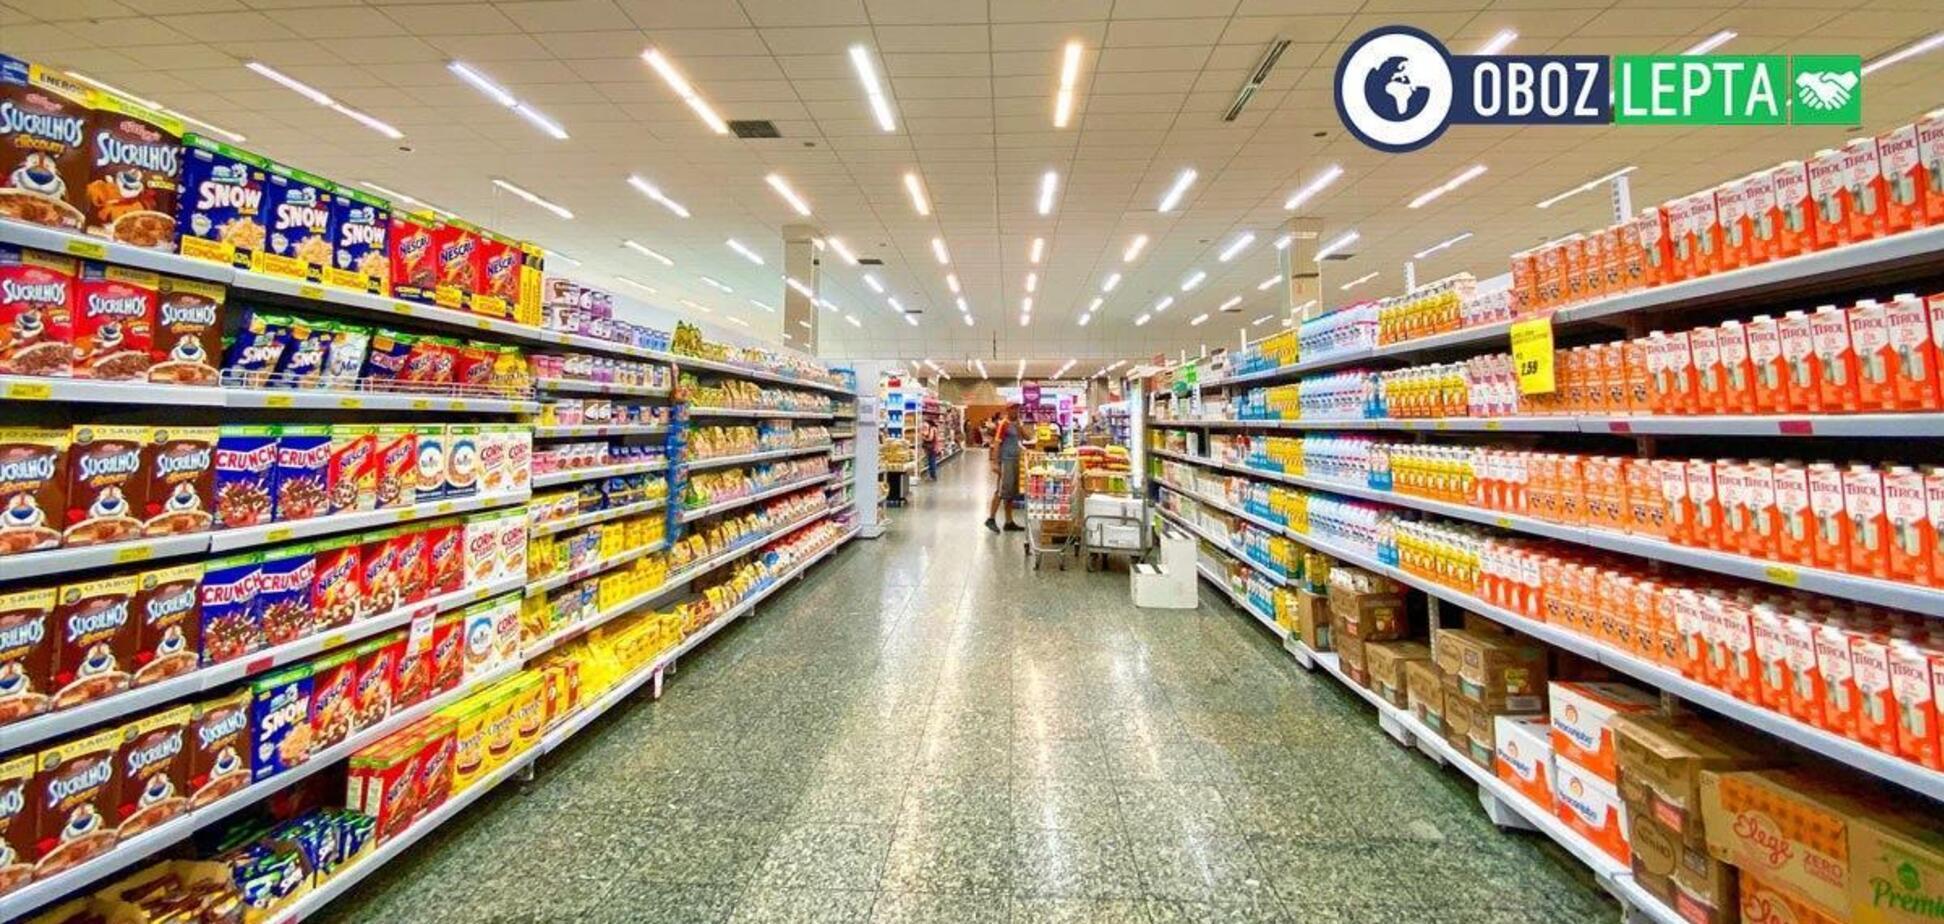 Хлеба и зрелищ: почему ритейл должен быть социально ответственным бизнесом